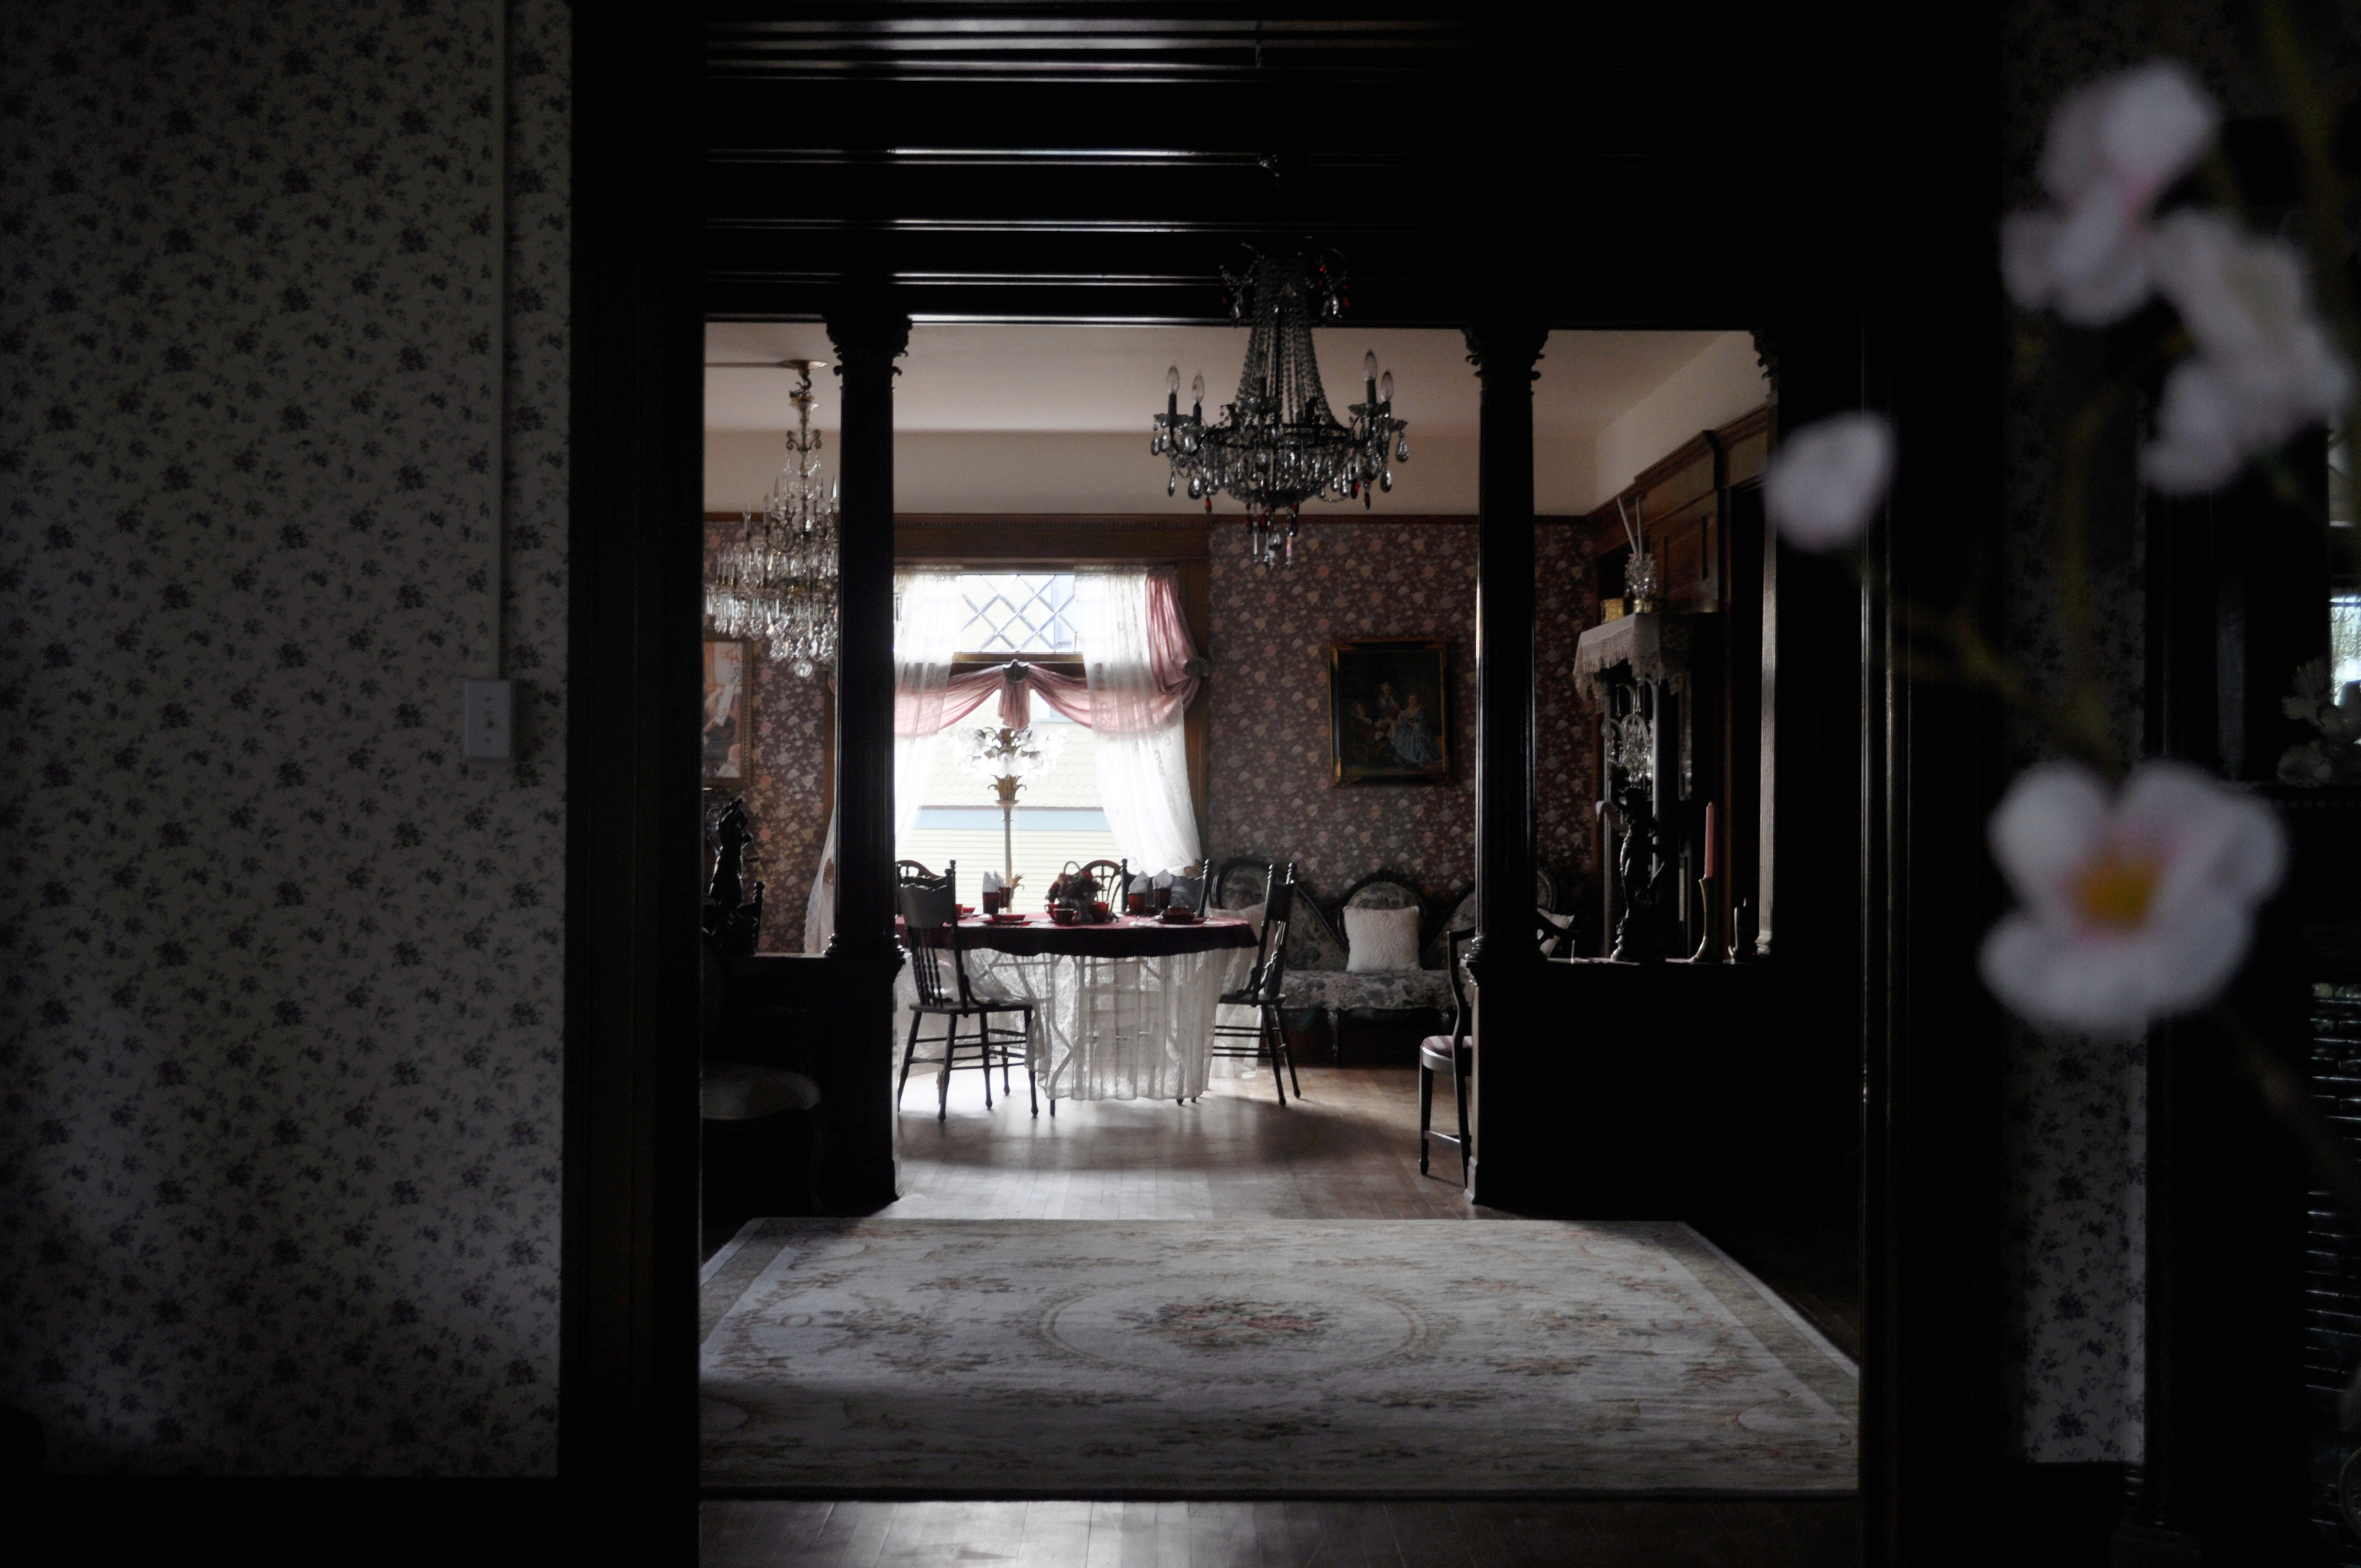 file:hoquiam's castle interior 01 - wikimedia commons